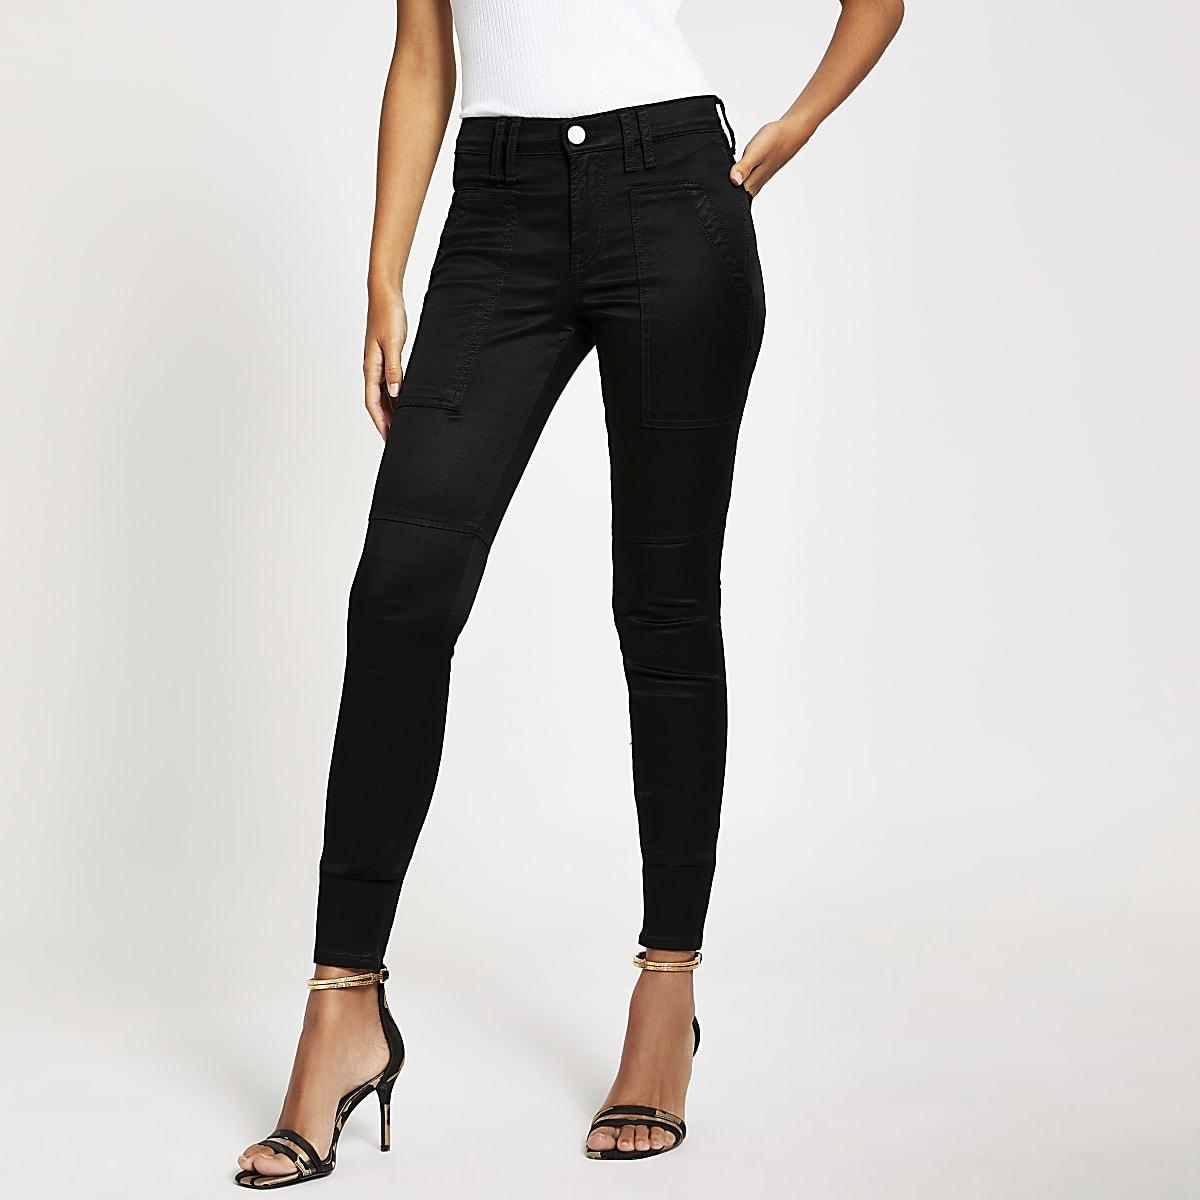 Black satin Amelie super skinny jeans